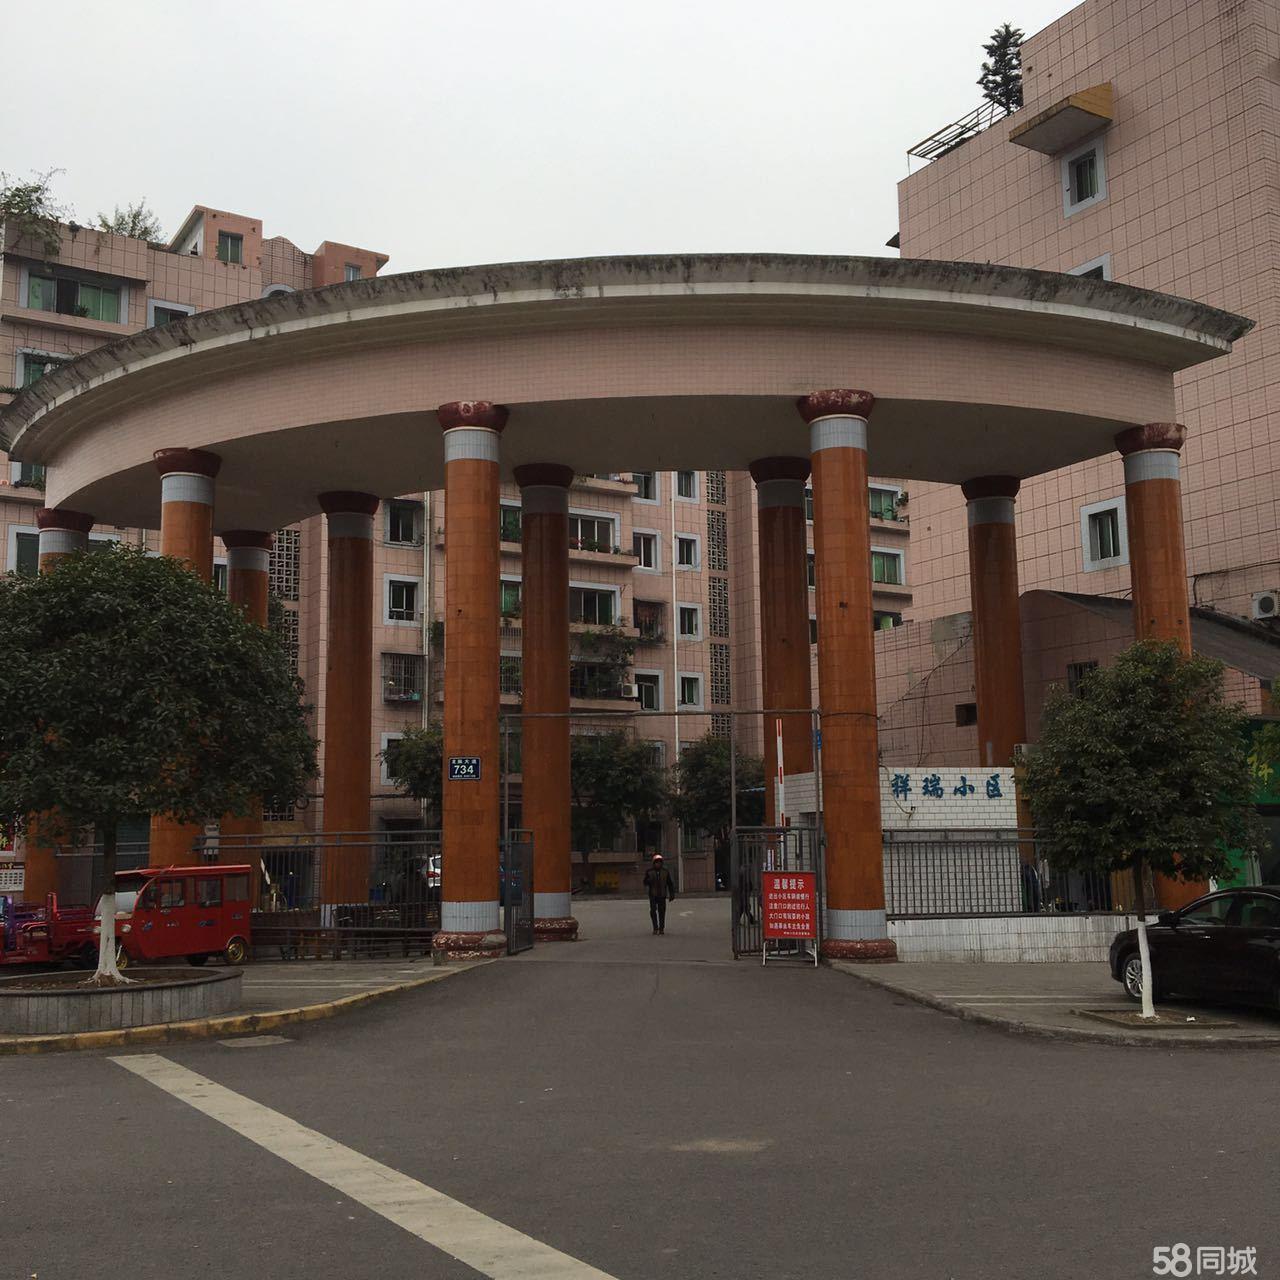 泸县水泥厂住宿楼3室2厅128平米中等装修半年付